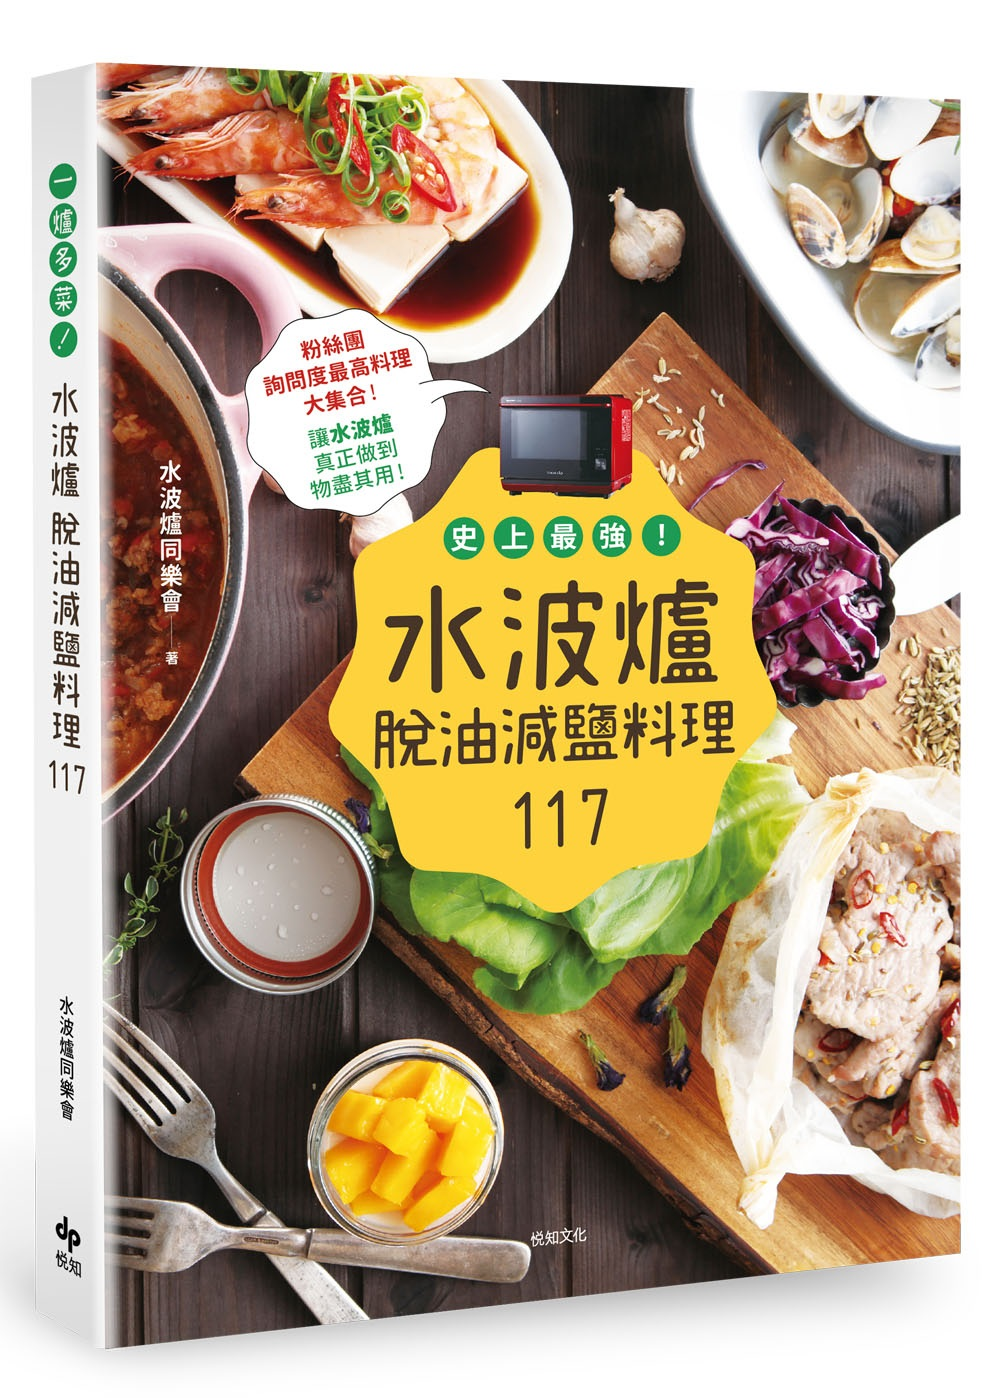 《史上最強!水波爐脫油減鹽料理117》 商品條碼,ISBN:9789869562034